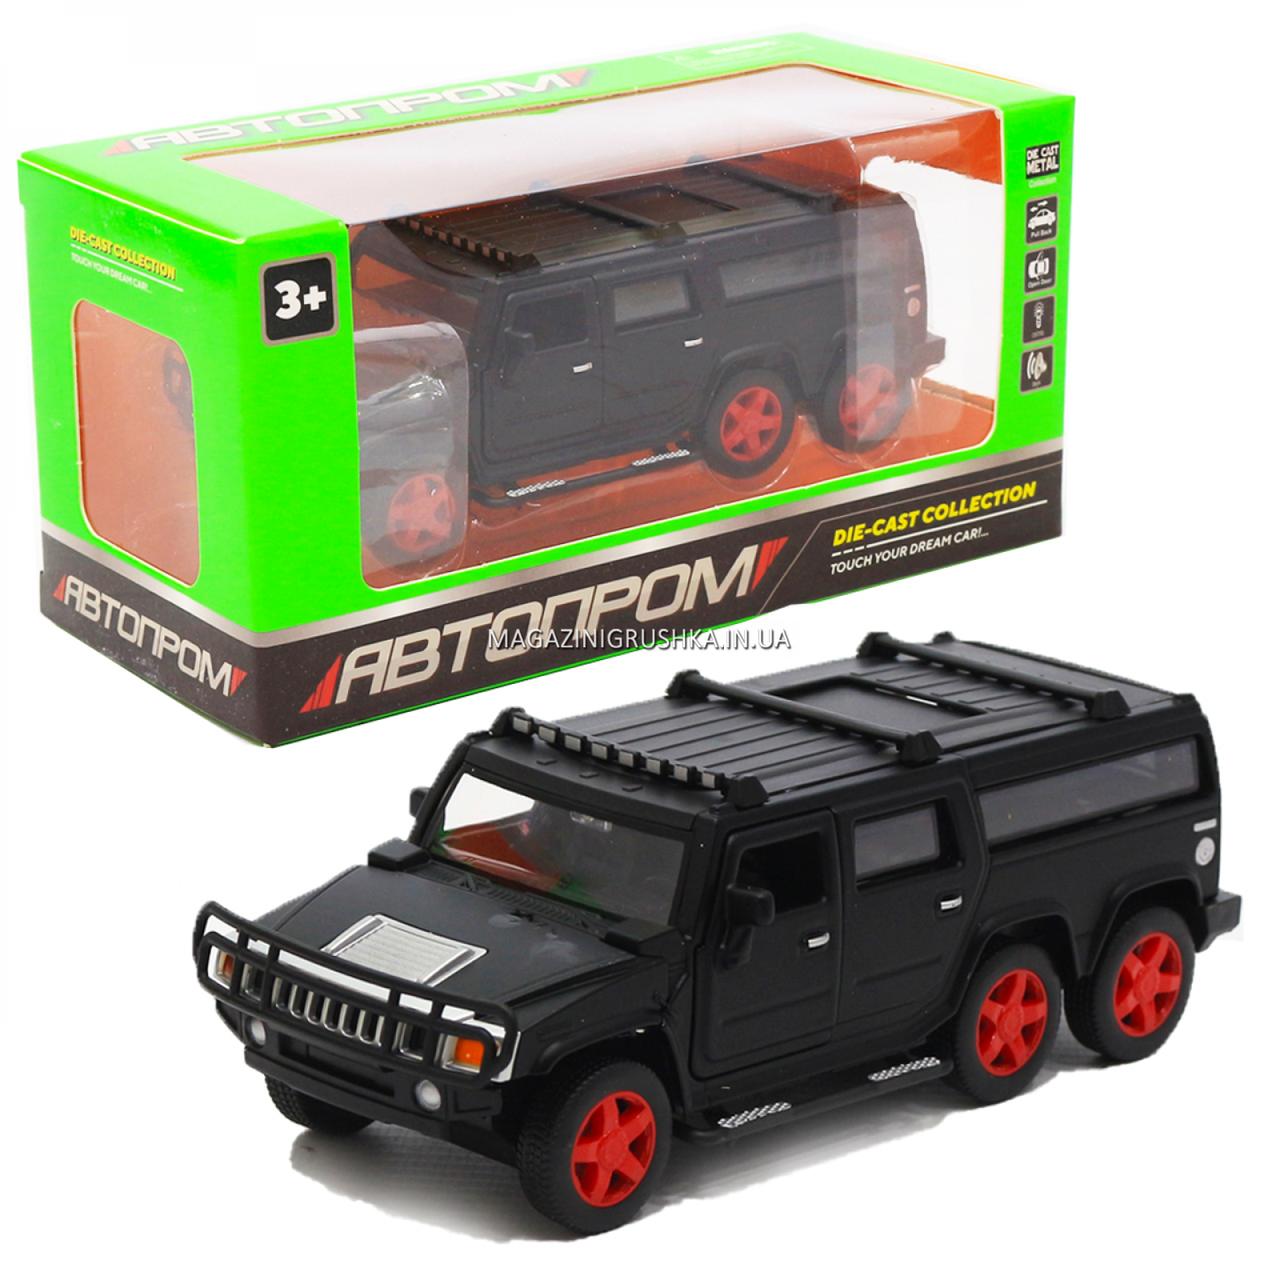 Игрушечная машинка металлическая джип «Hummer», Автопром, черный, 6*16*6 см, от 3 лет, (6618)